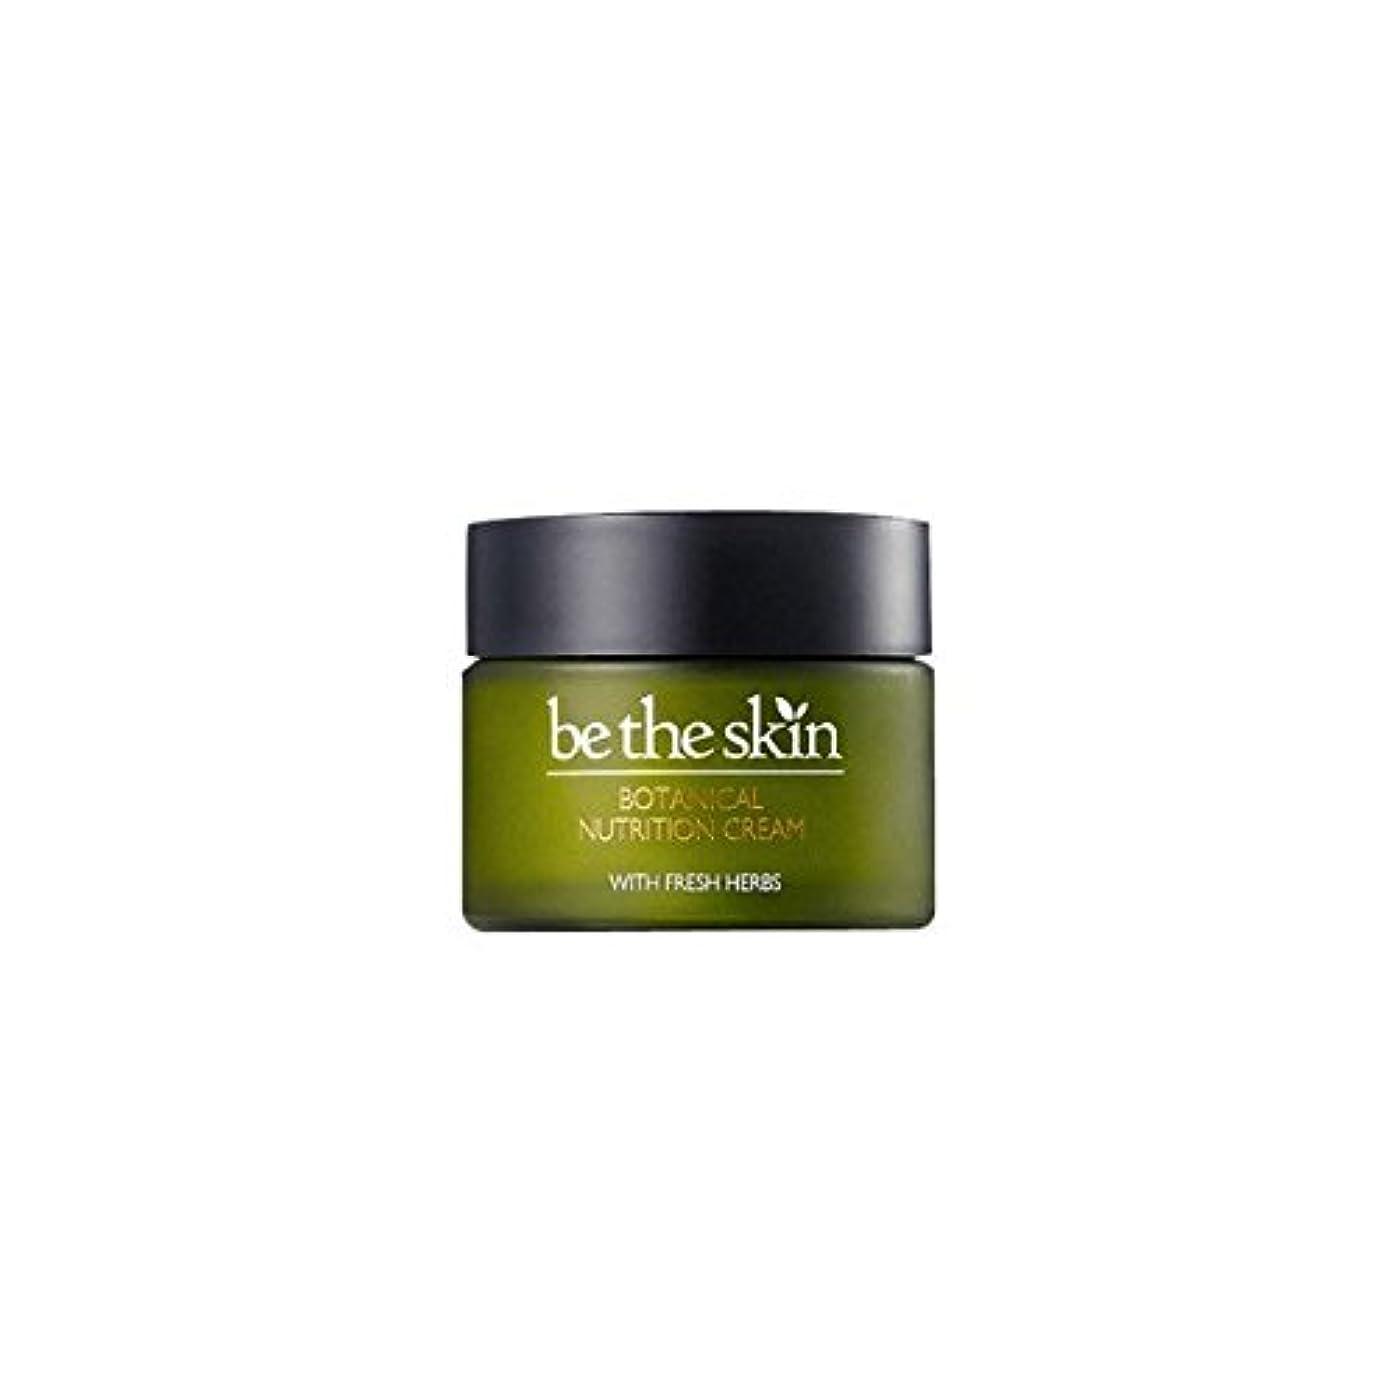 ハム組み合わせるバリケードBe the skin(ビーザスキン) ボタニカル ニュートリション クリーム/ Be The Skin Botanical Nutrition Cream [並行輸入品]